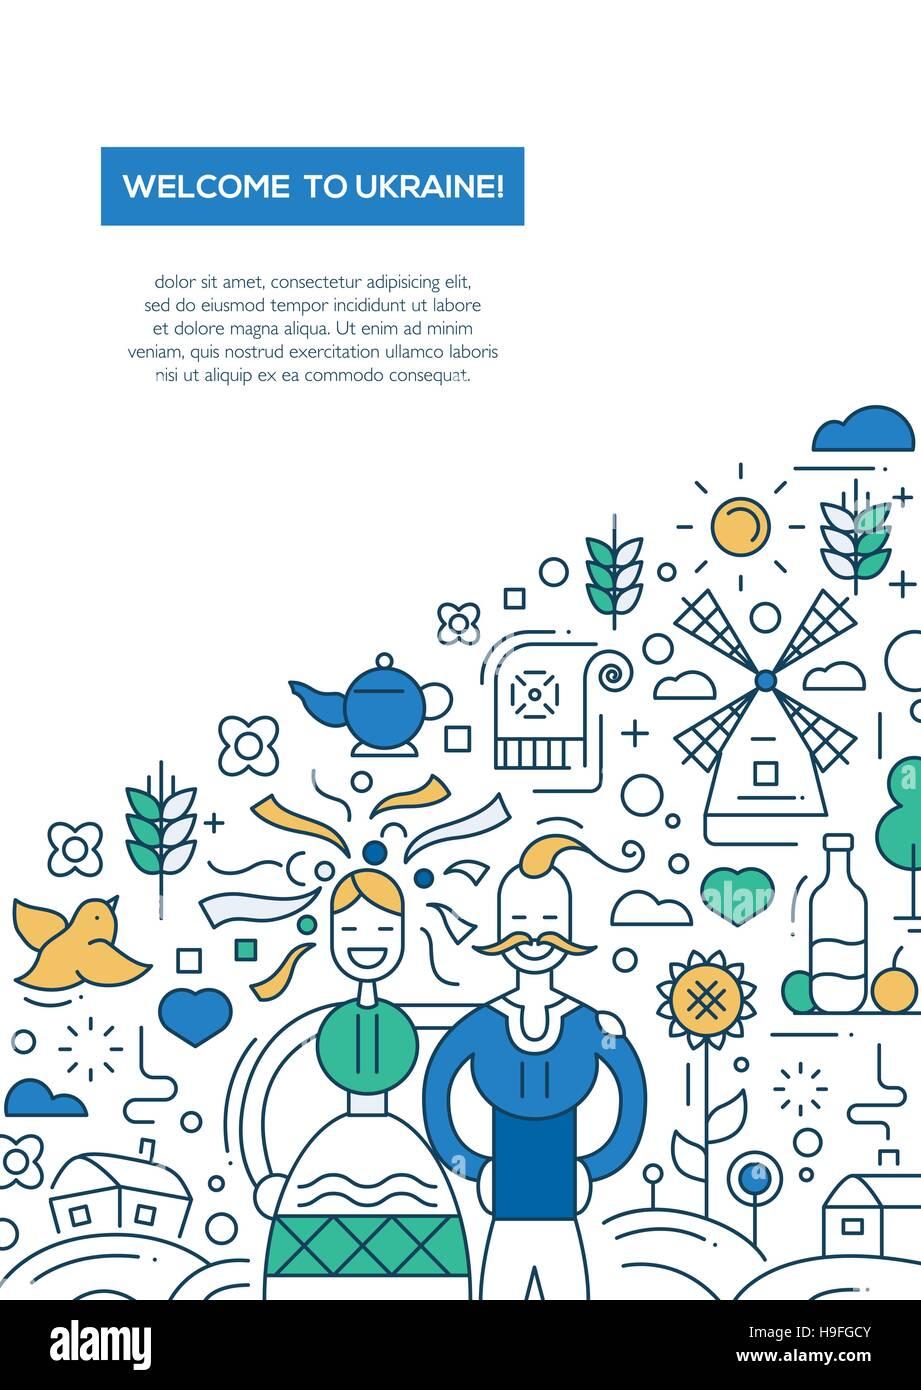 Herzlich Willkommen Sie In Der Ukraine Vektor Linie Design Broschüre